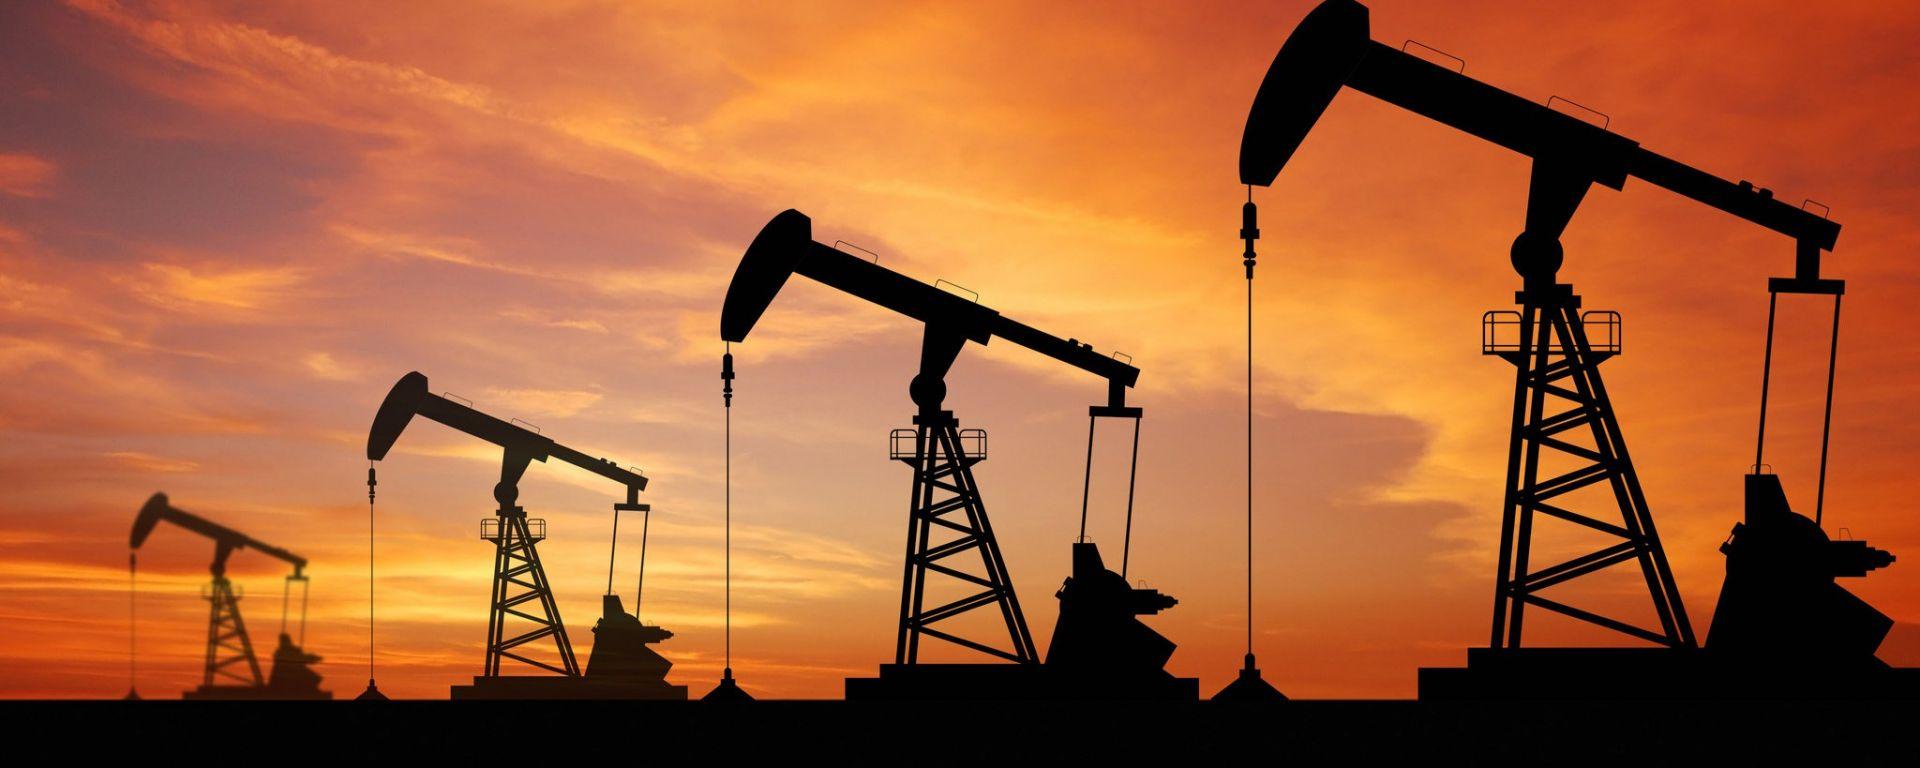 Il petrolio e il futuro: la visione di Eni